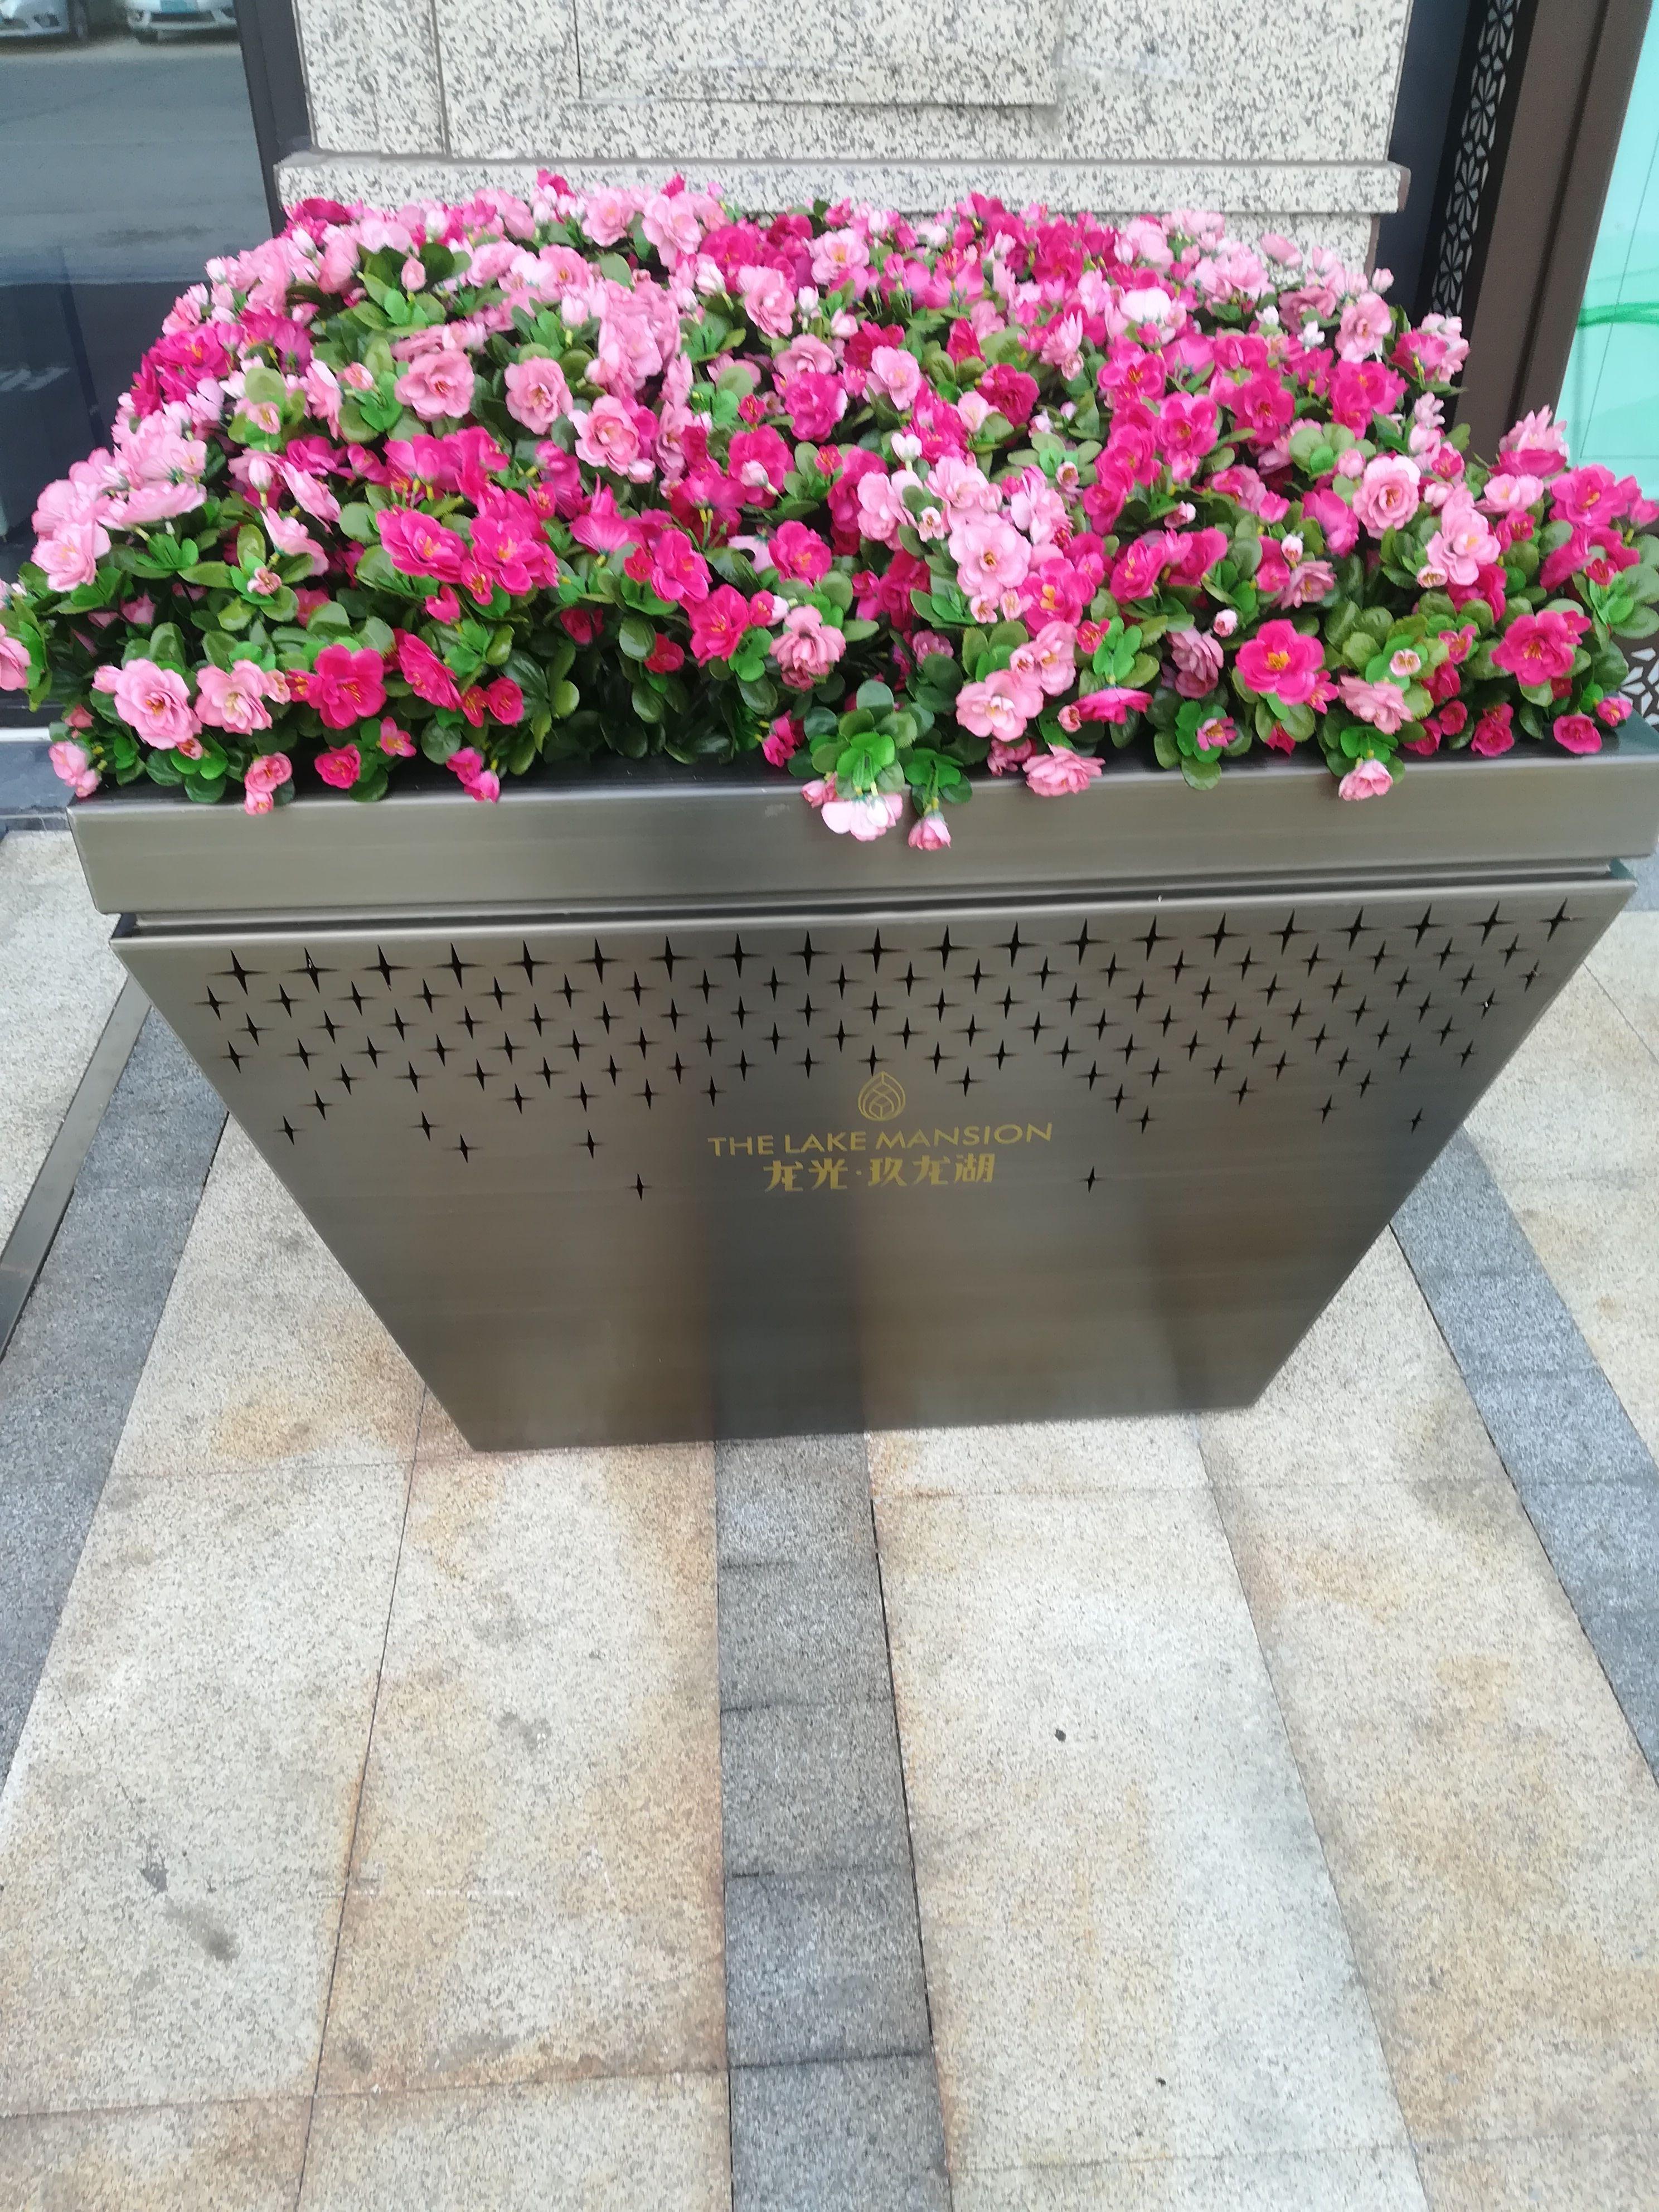 艺术雕刻不锈钢花盆 艺术加工不锈钢花盆 镀铜不锈钢花盆